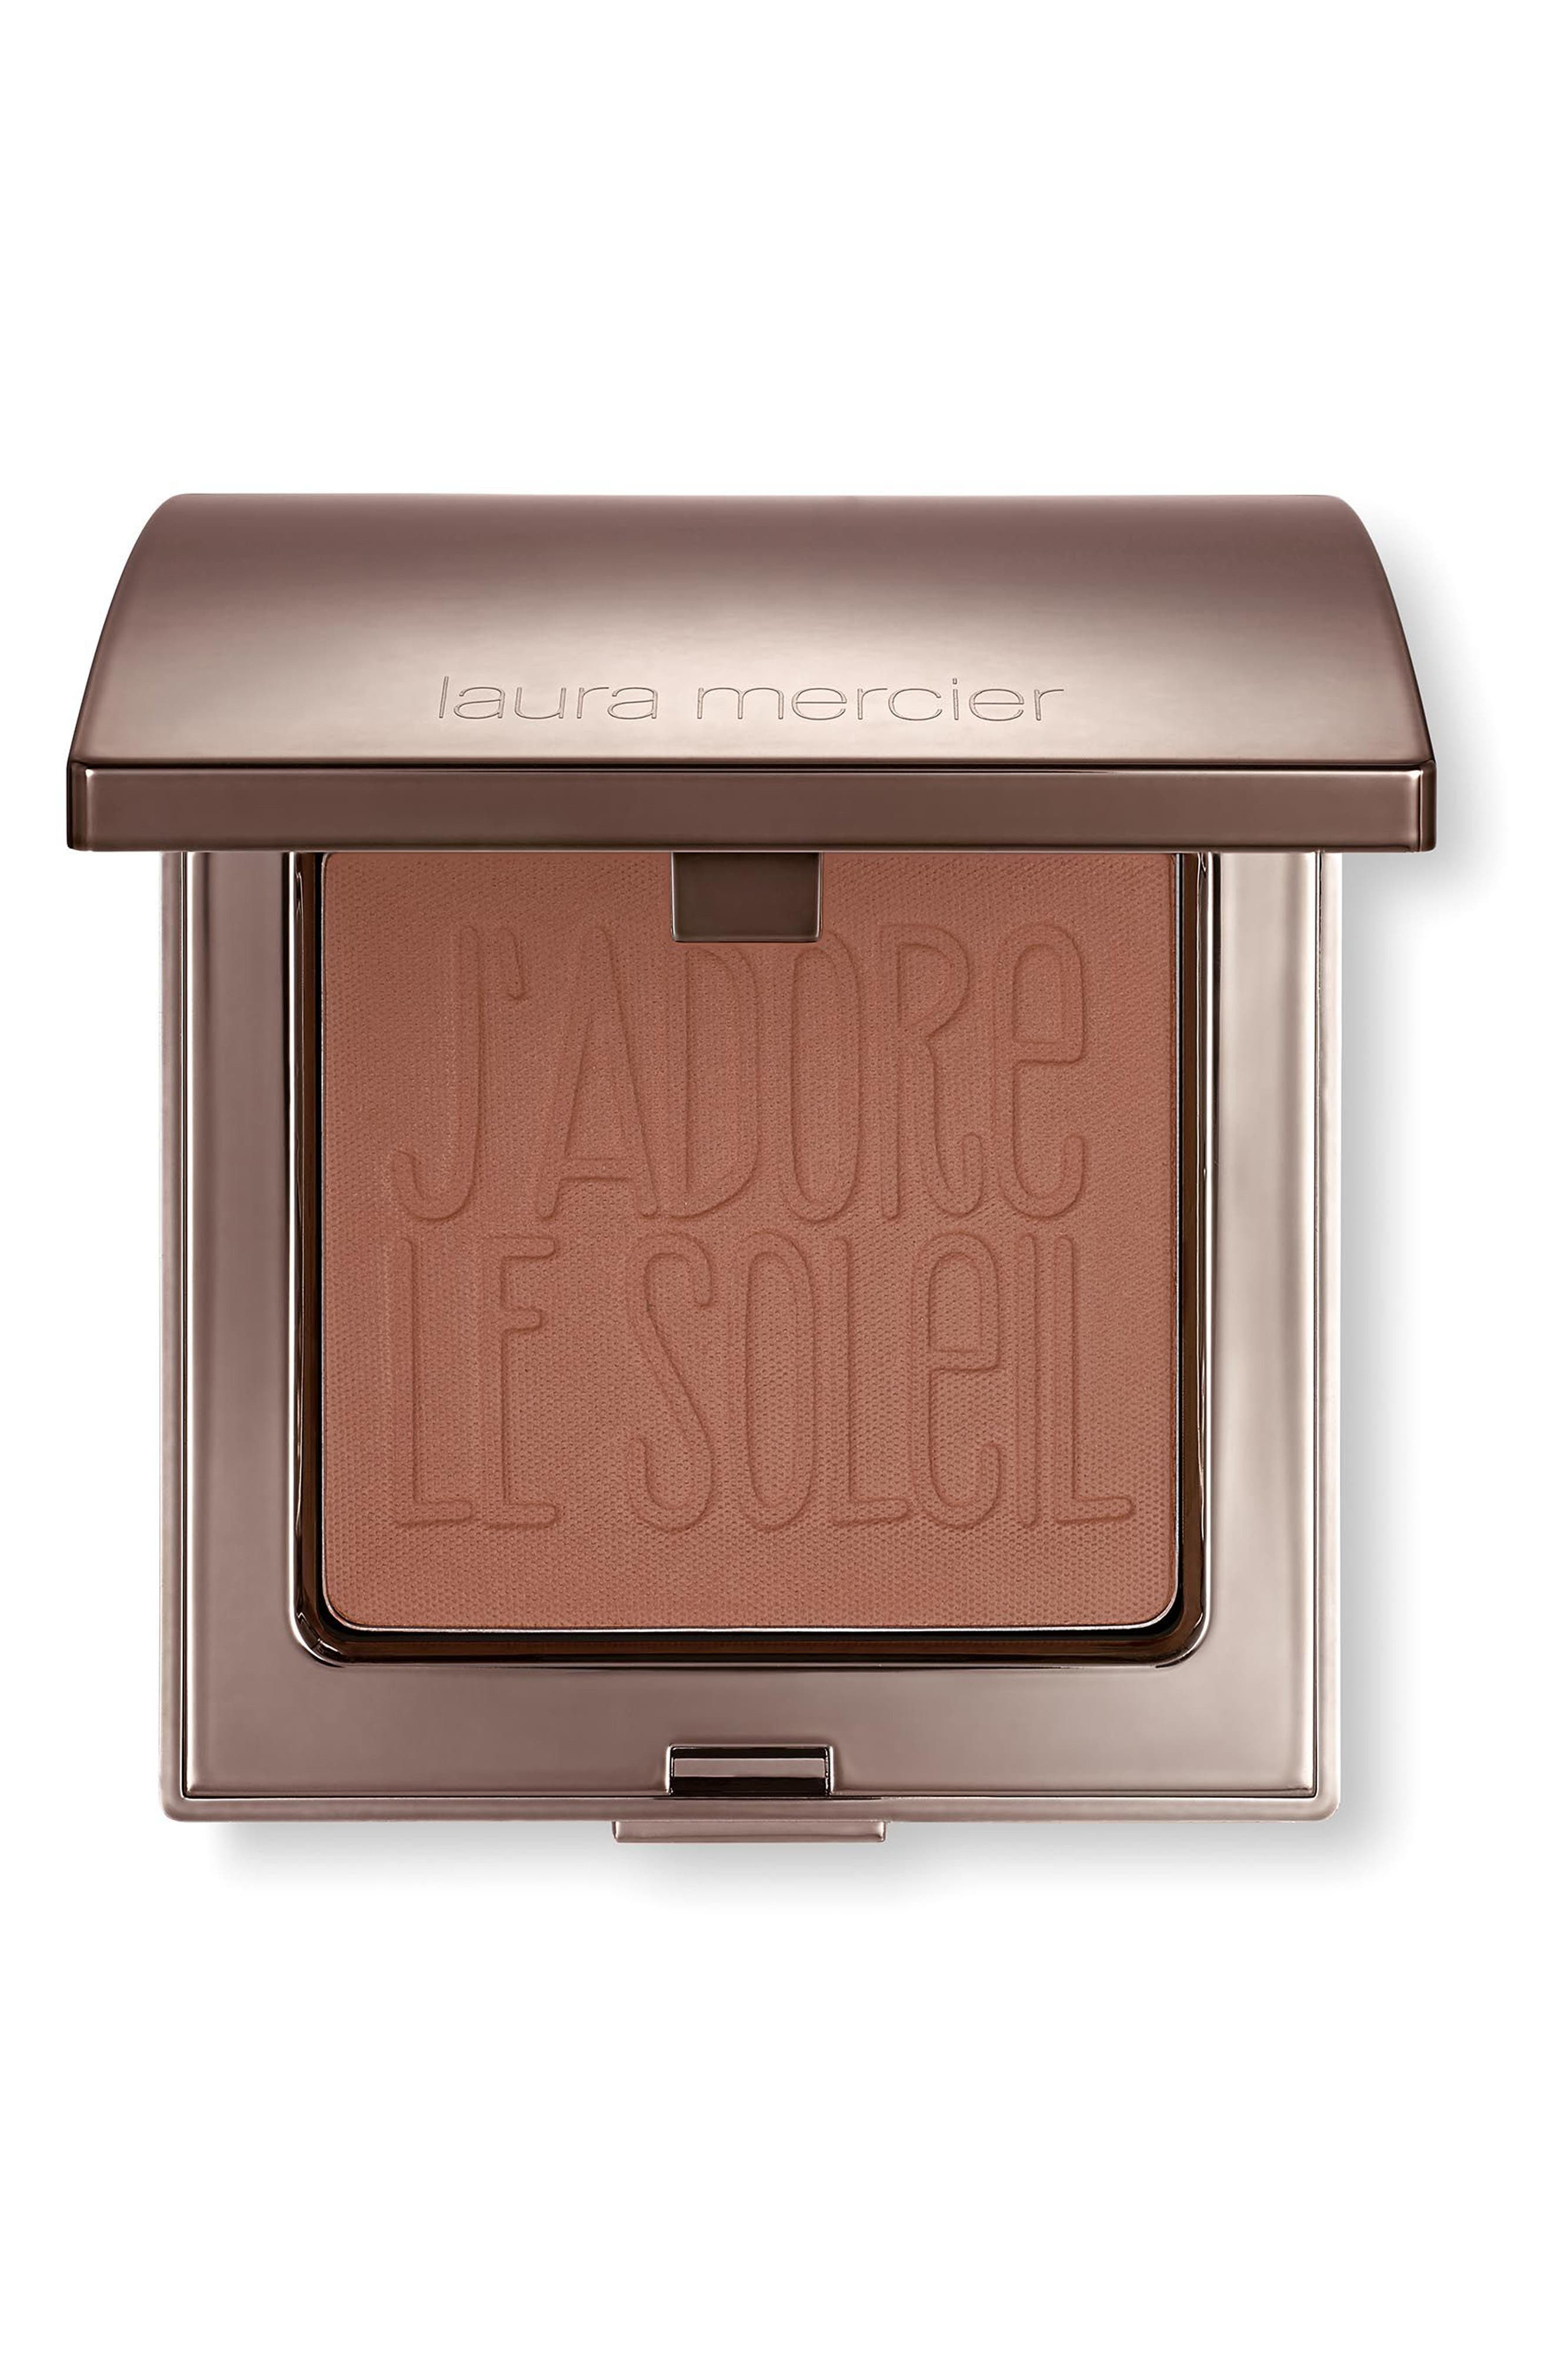 Alternate Image 1 Selected - Laura Mercier J'adore le Soleil Matte Veil Powder (Limited Edition)